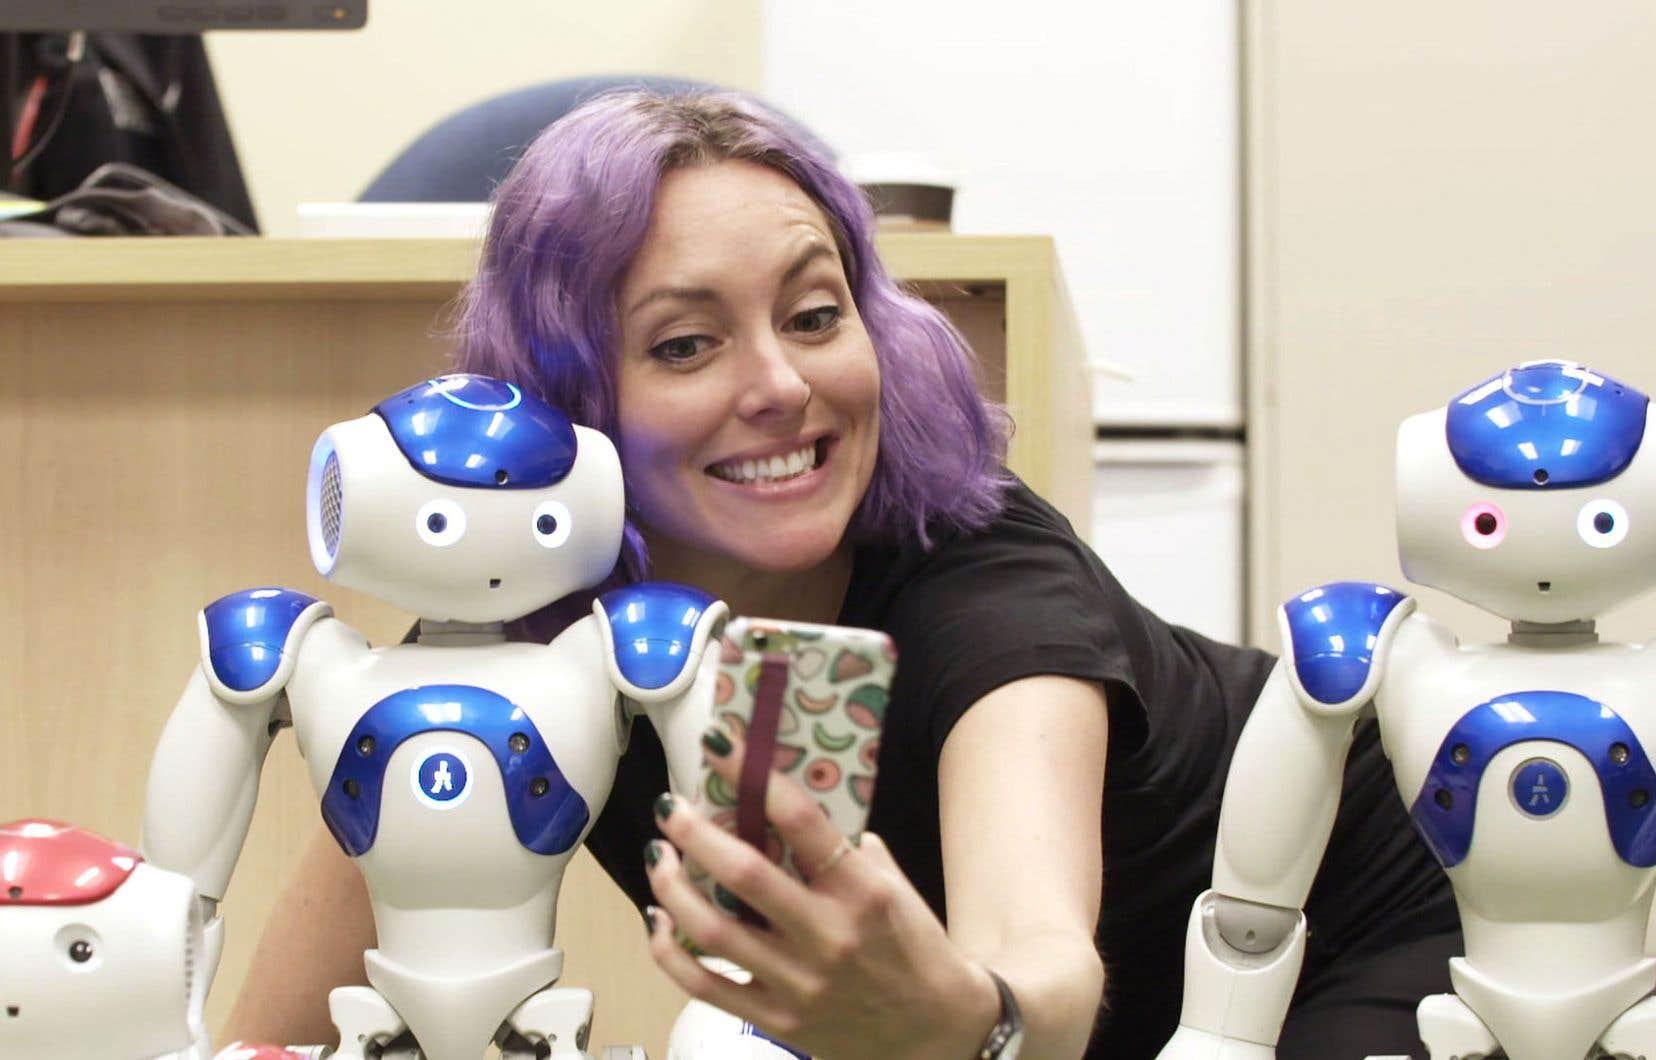 La journaliste scientifique Marianne Desautels-Marissal anime «Couple de nerds» avec Matthieu Dugal.